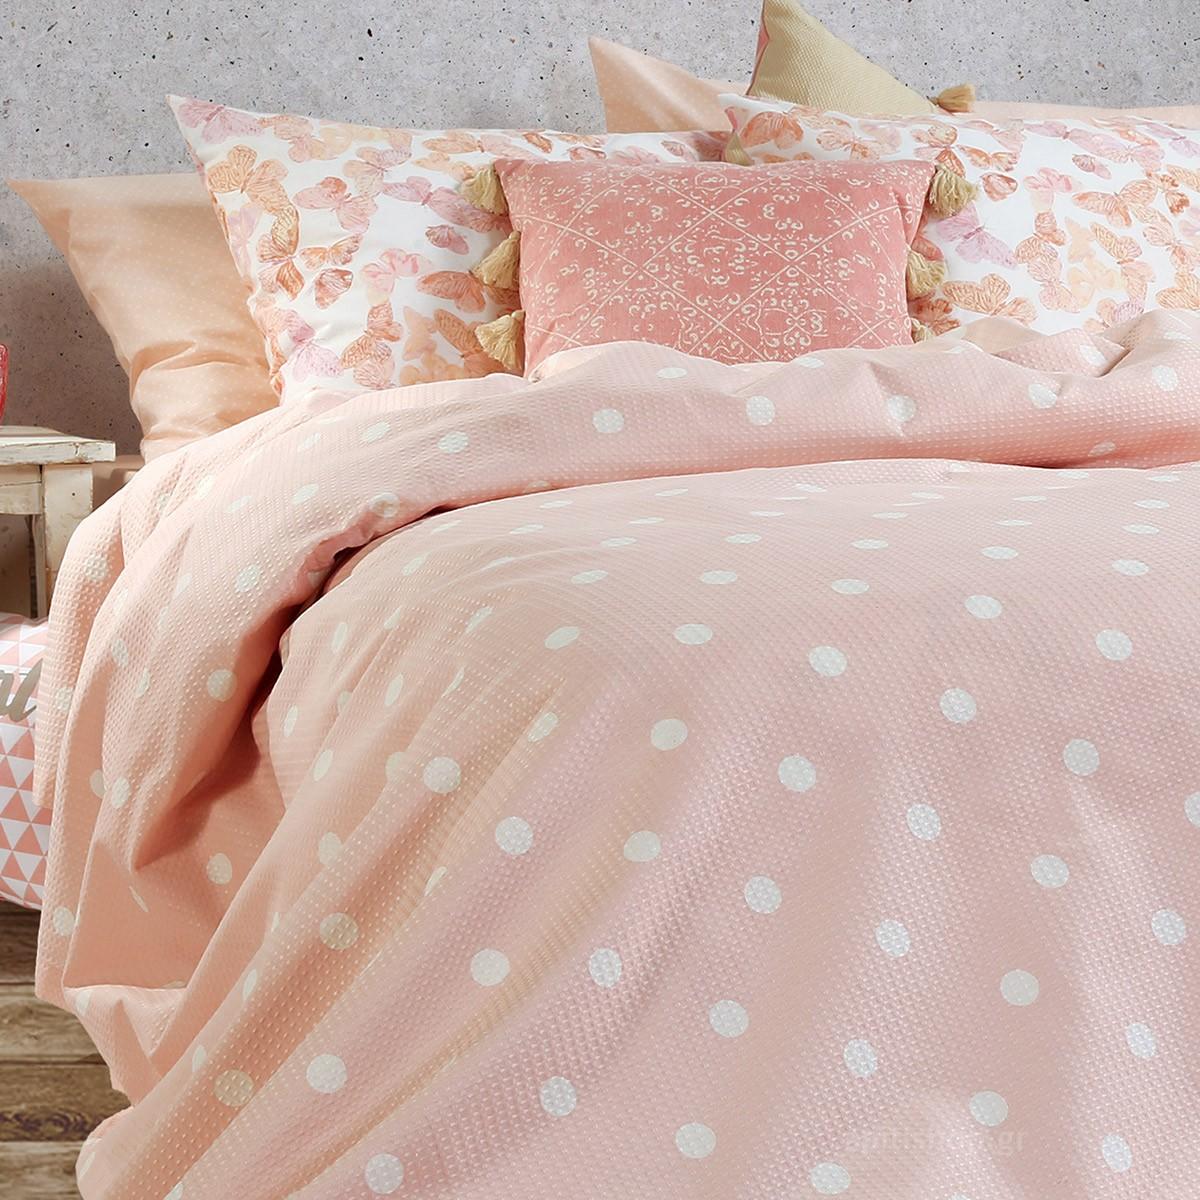 Κουβερτόριο Υπέρδιπλο Nef-Nef Posto Pink home   κρεβατοκάμαρα   κουβέρτες   κουβέρτες καλοκαιρινές υπέρδιπλες